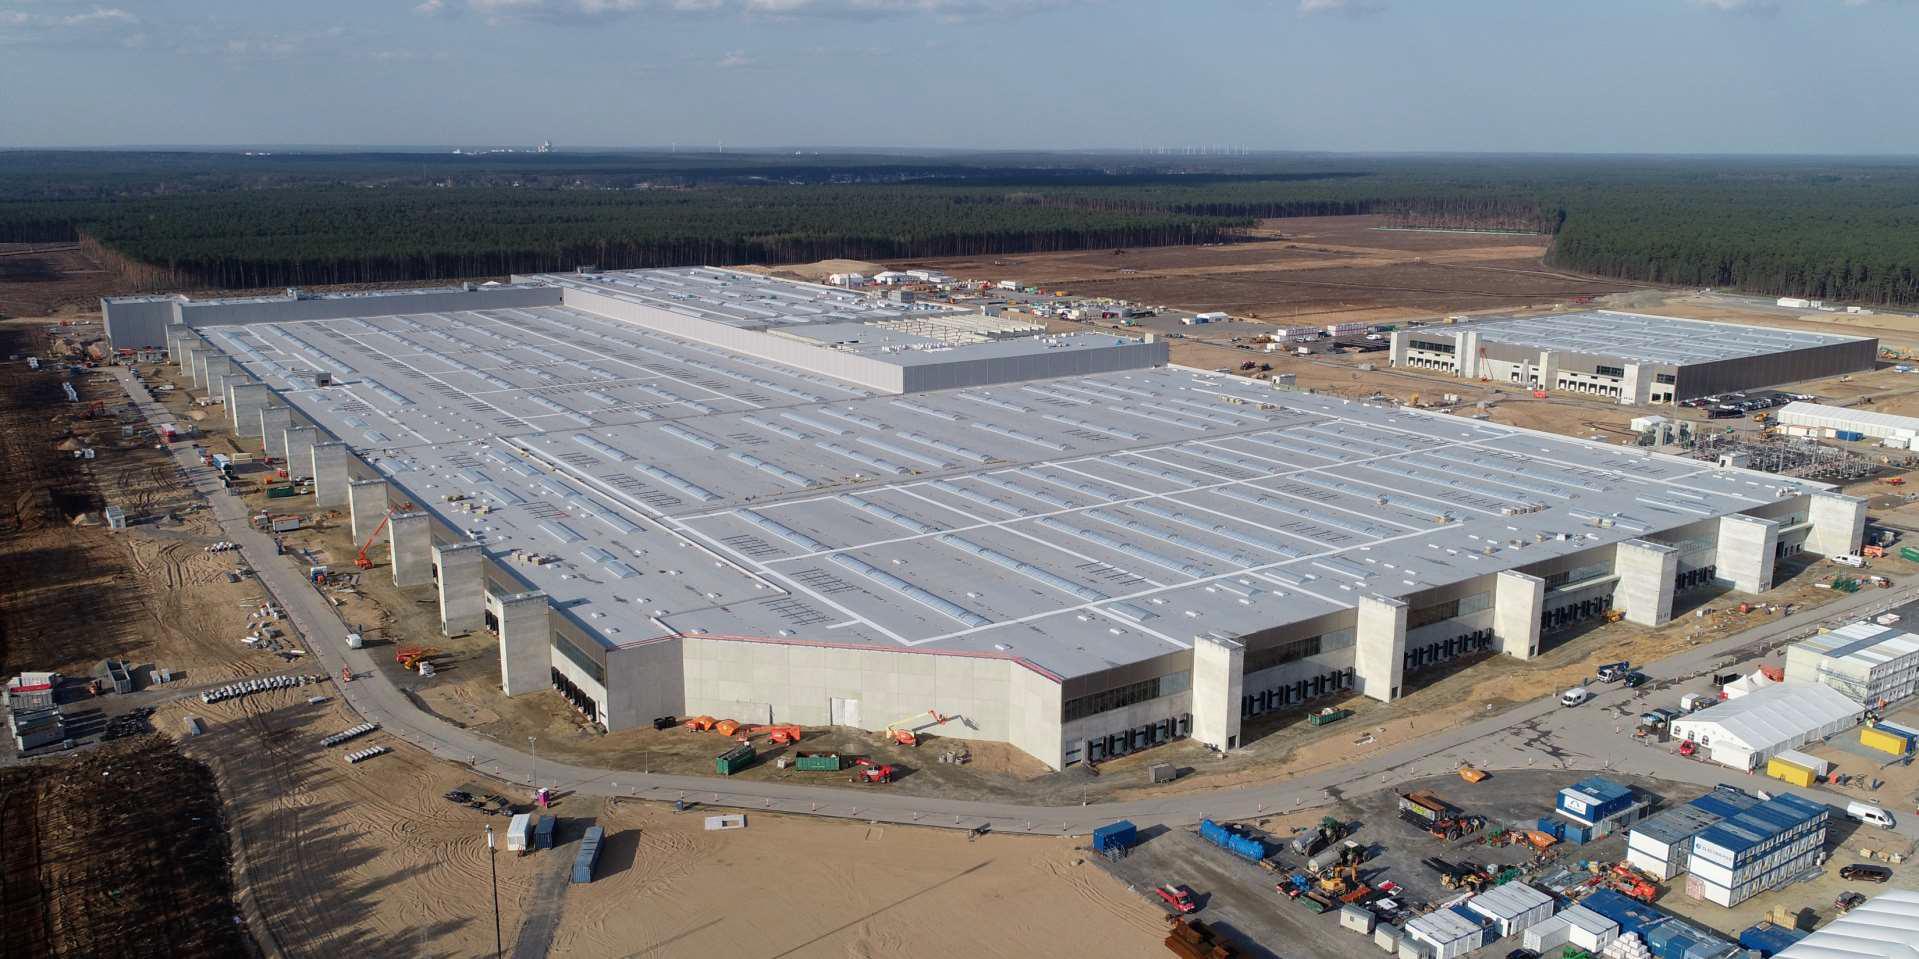 Завод по производству аккумуляторов Tesla 4680 в Германии не должен задерживать начальные даты производства Giga Berlin